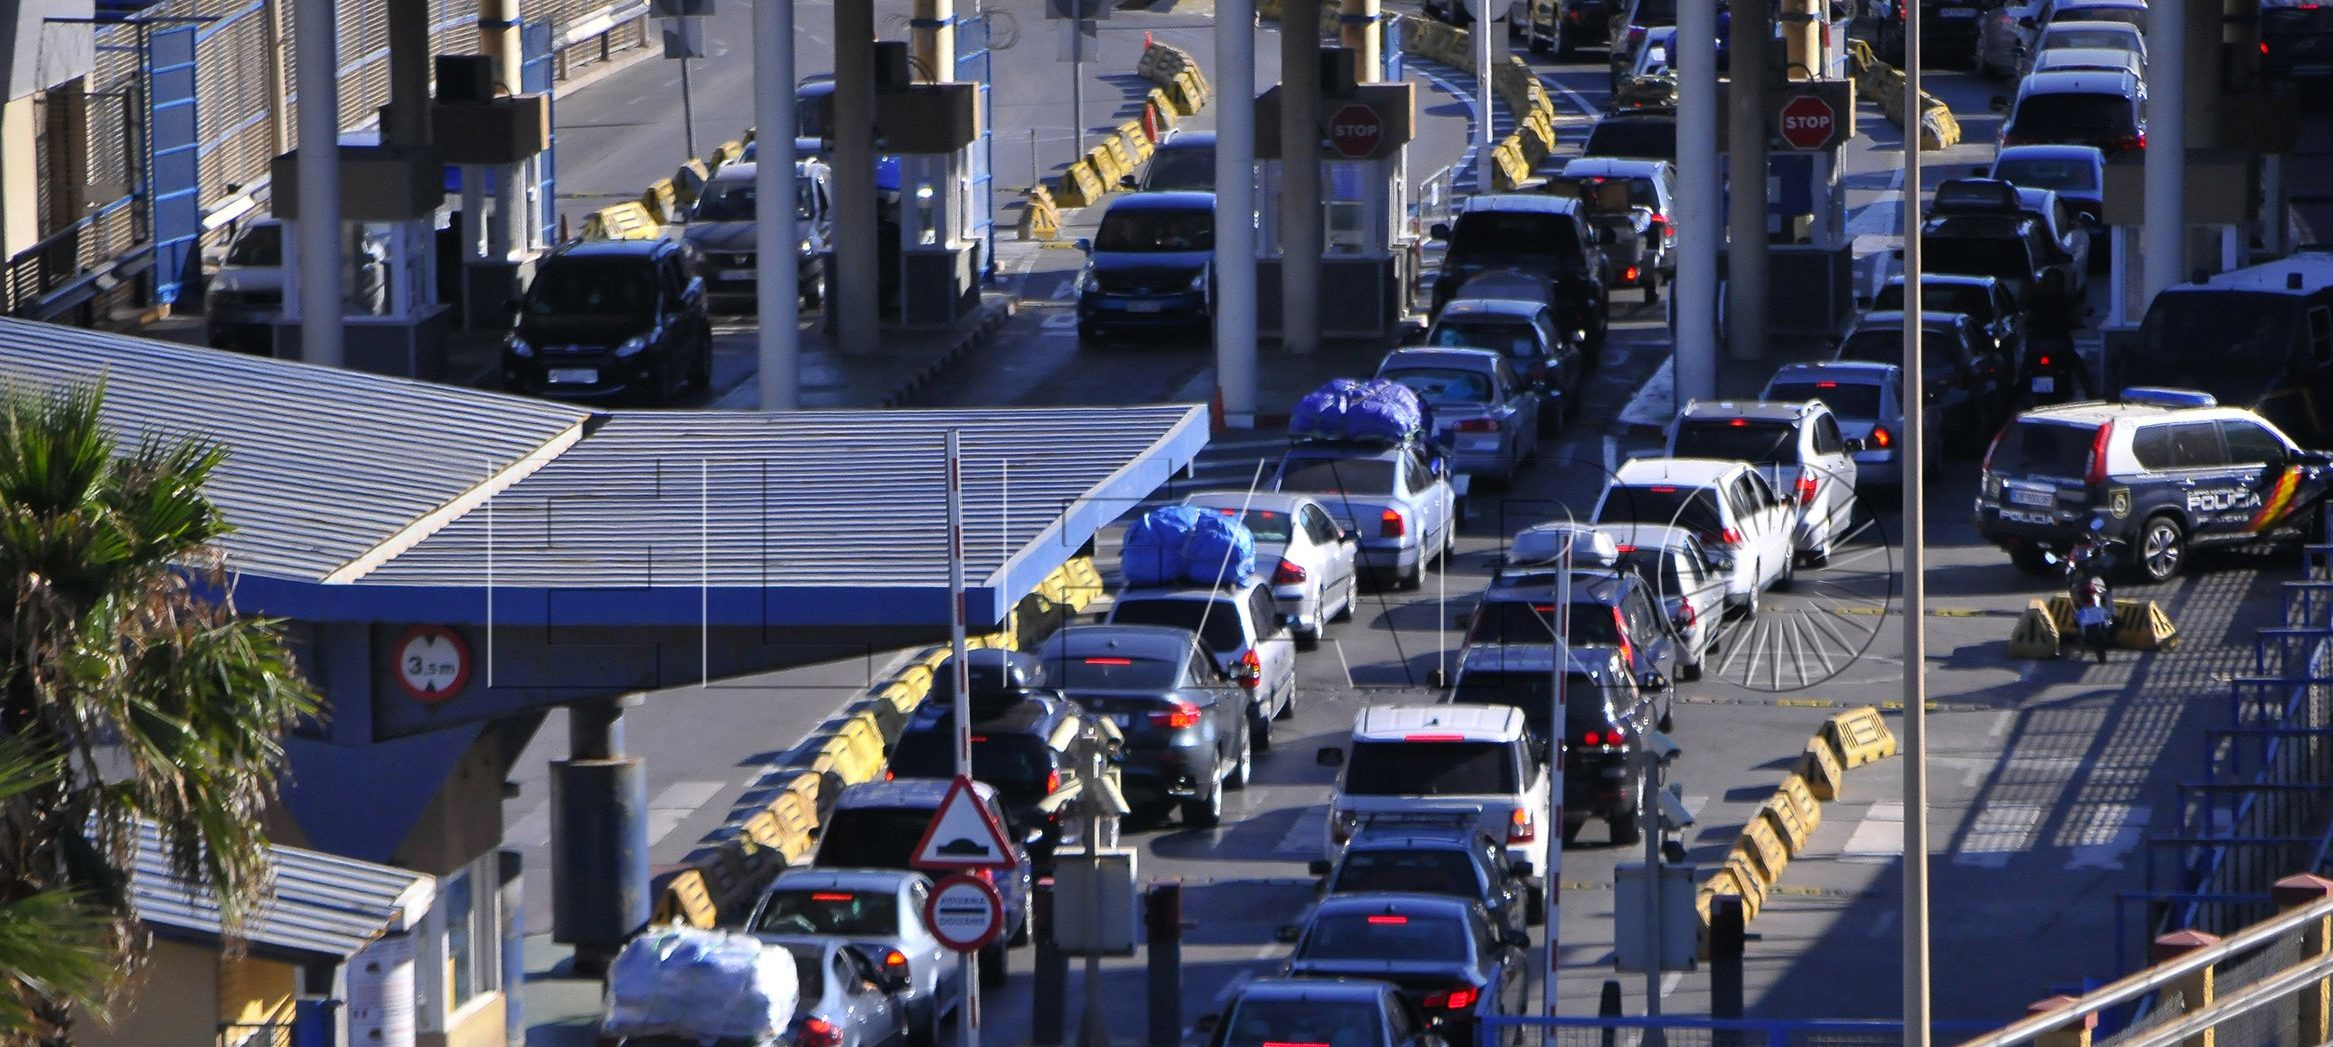 La 'carta verde' y la titularidad del vehículo, requisitos para entrar en Ceuta a partir del día 24